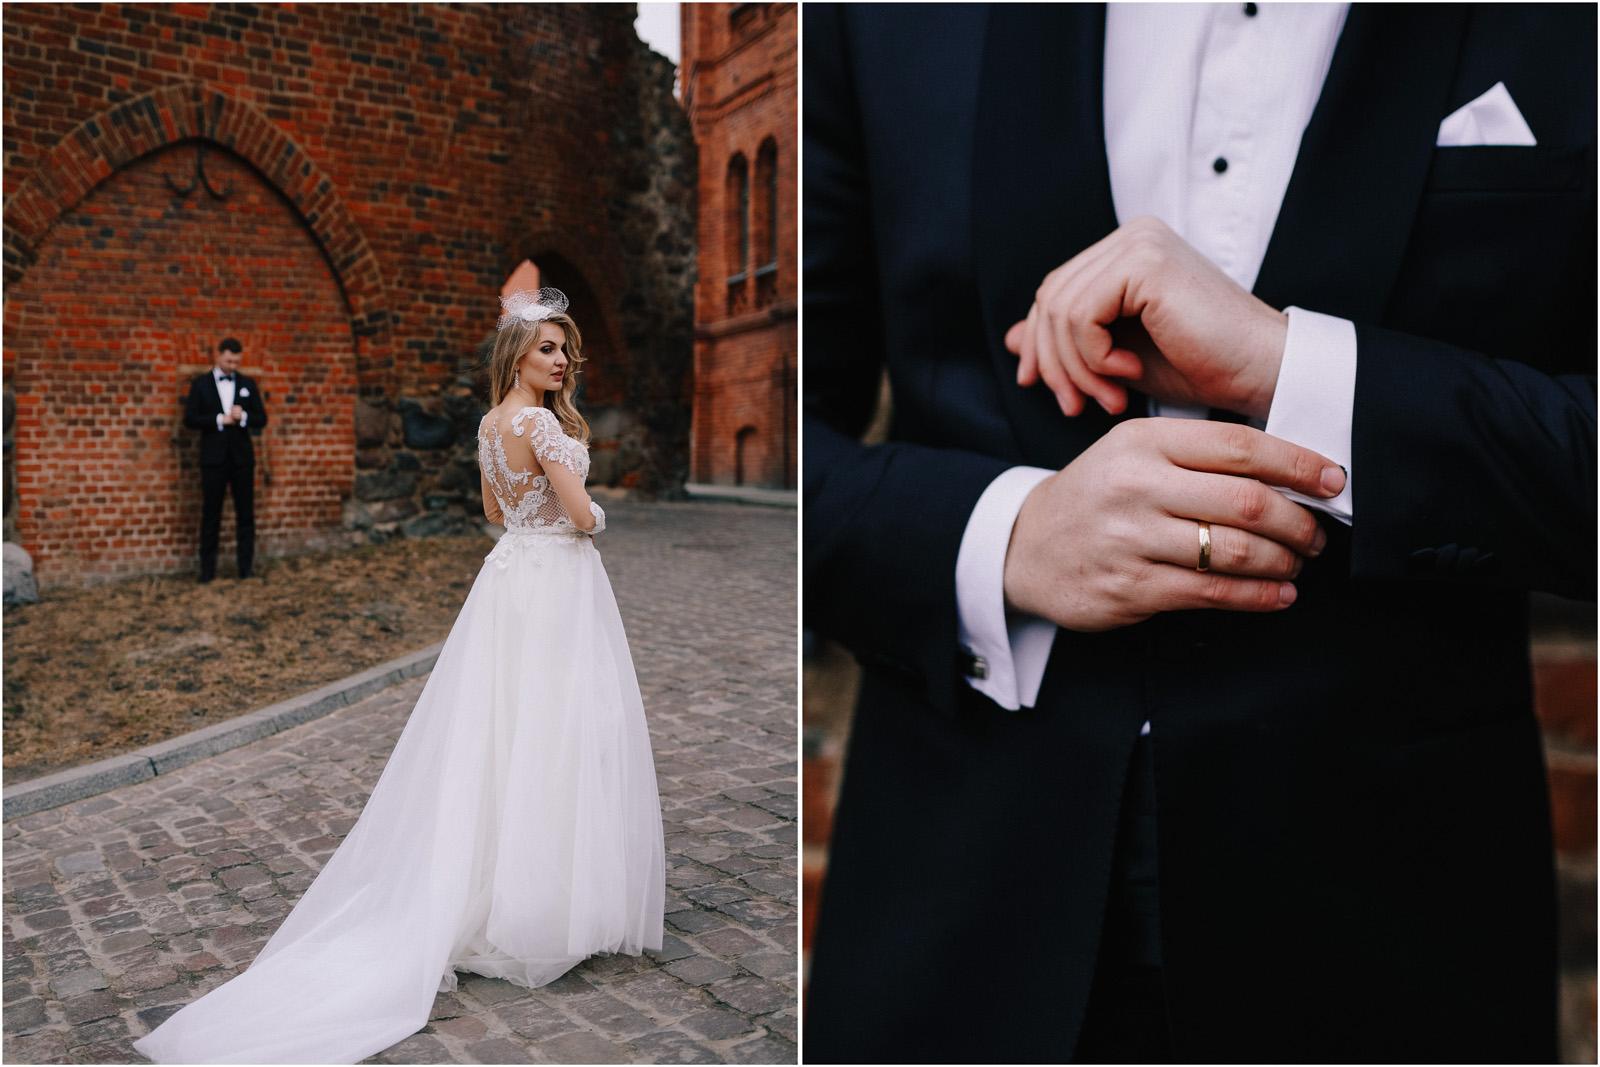 Patrycja & Kamil | sesja ślubna w Toruniu 25